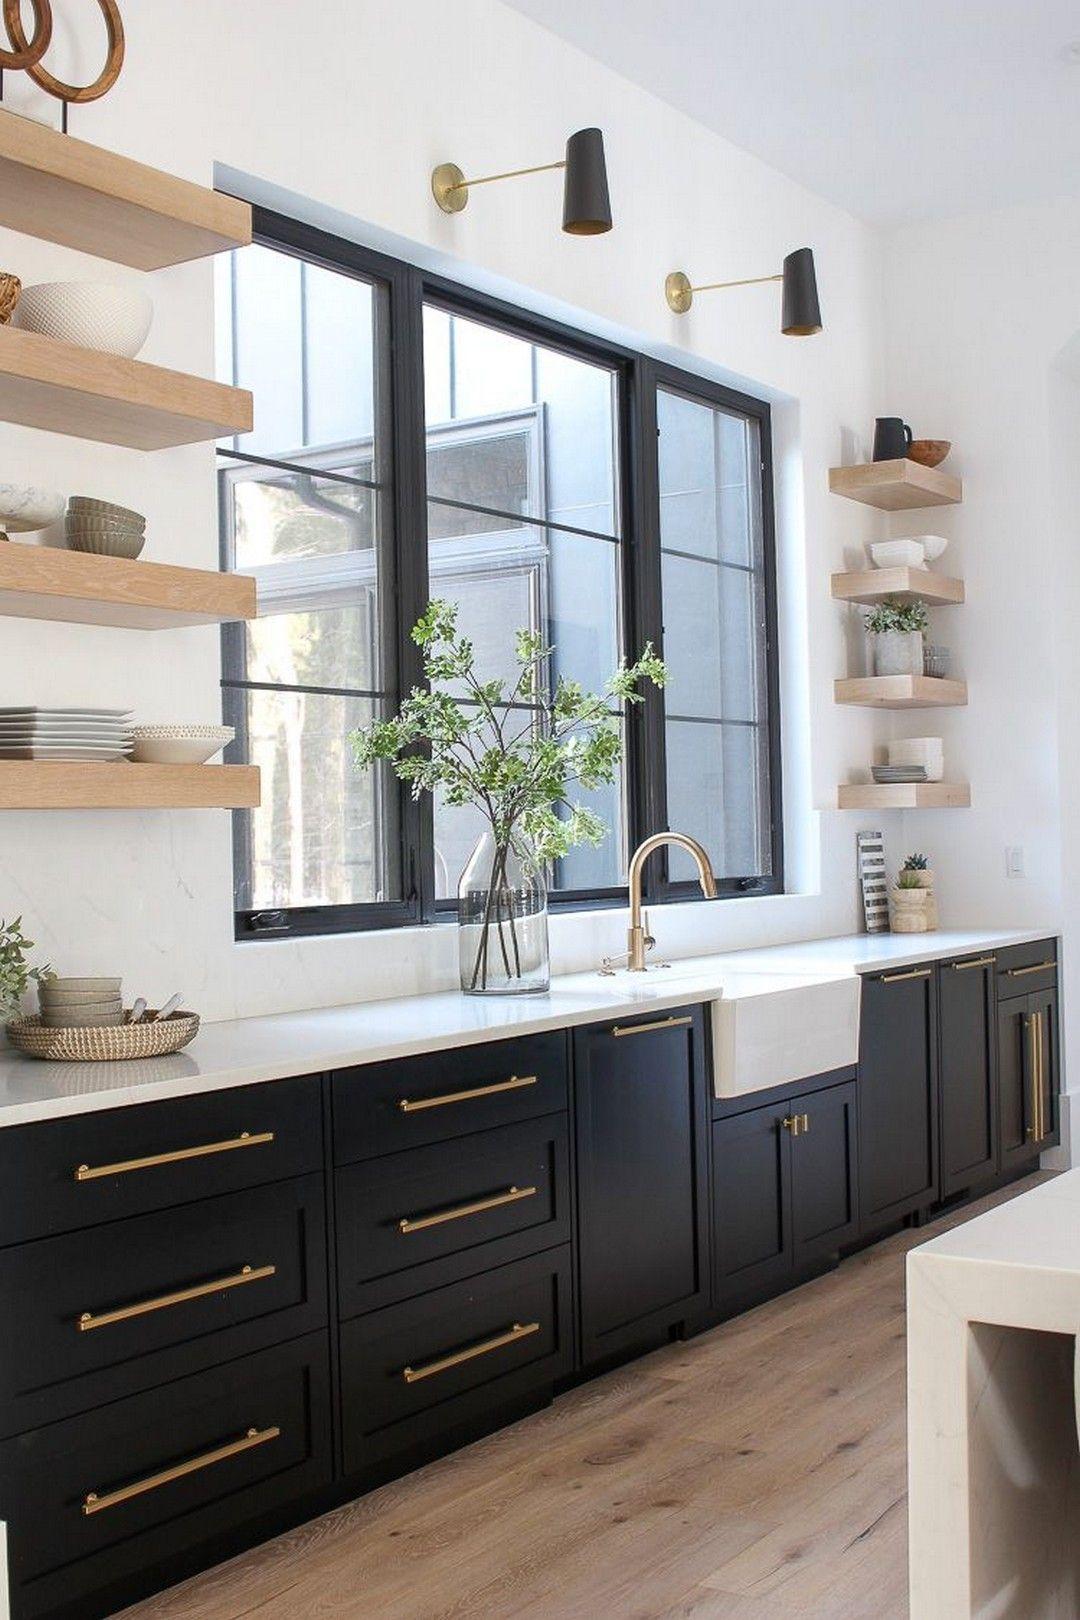 49 Kitchen Live Edge Floating Shelves Black Kitchen Cabinets Kitchen Interior Home Decor Kitchen